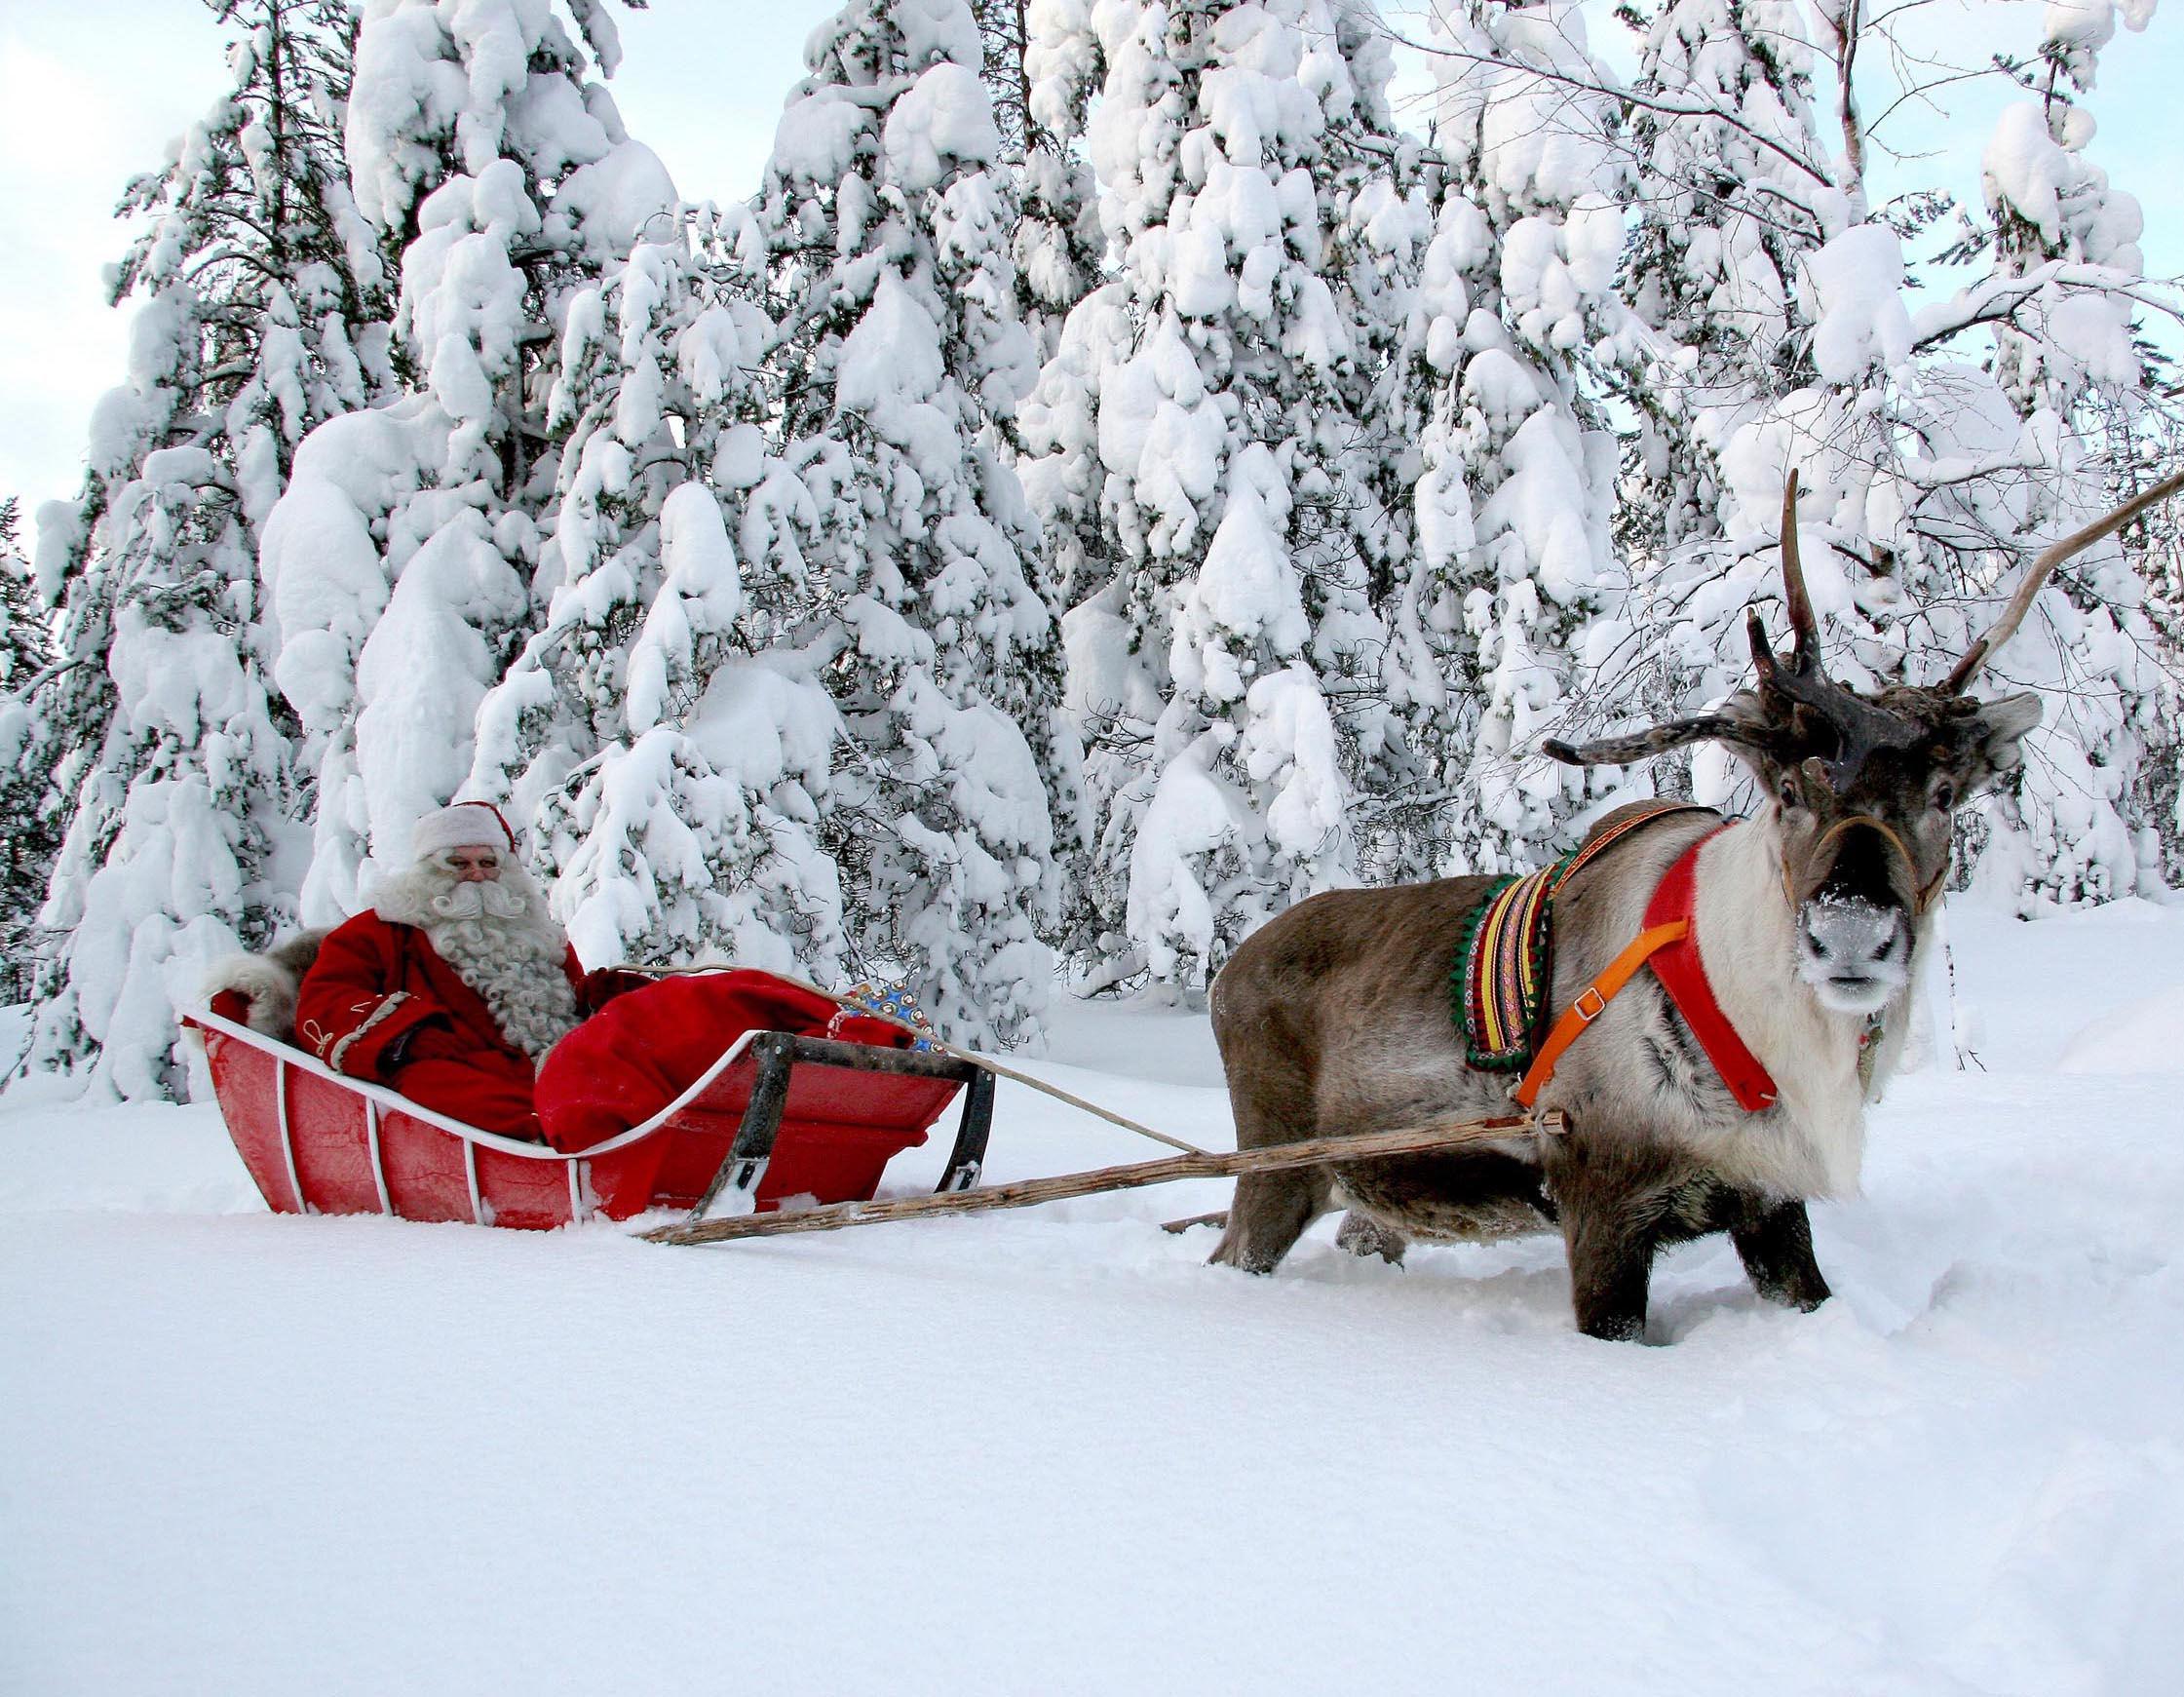 La región de Laponia se extiende por cuatro países, ¿pero en que país se encuentra realmente la casa de Papá Noel?